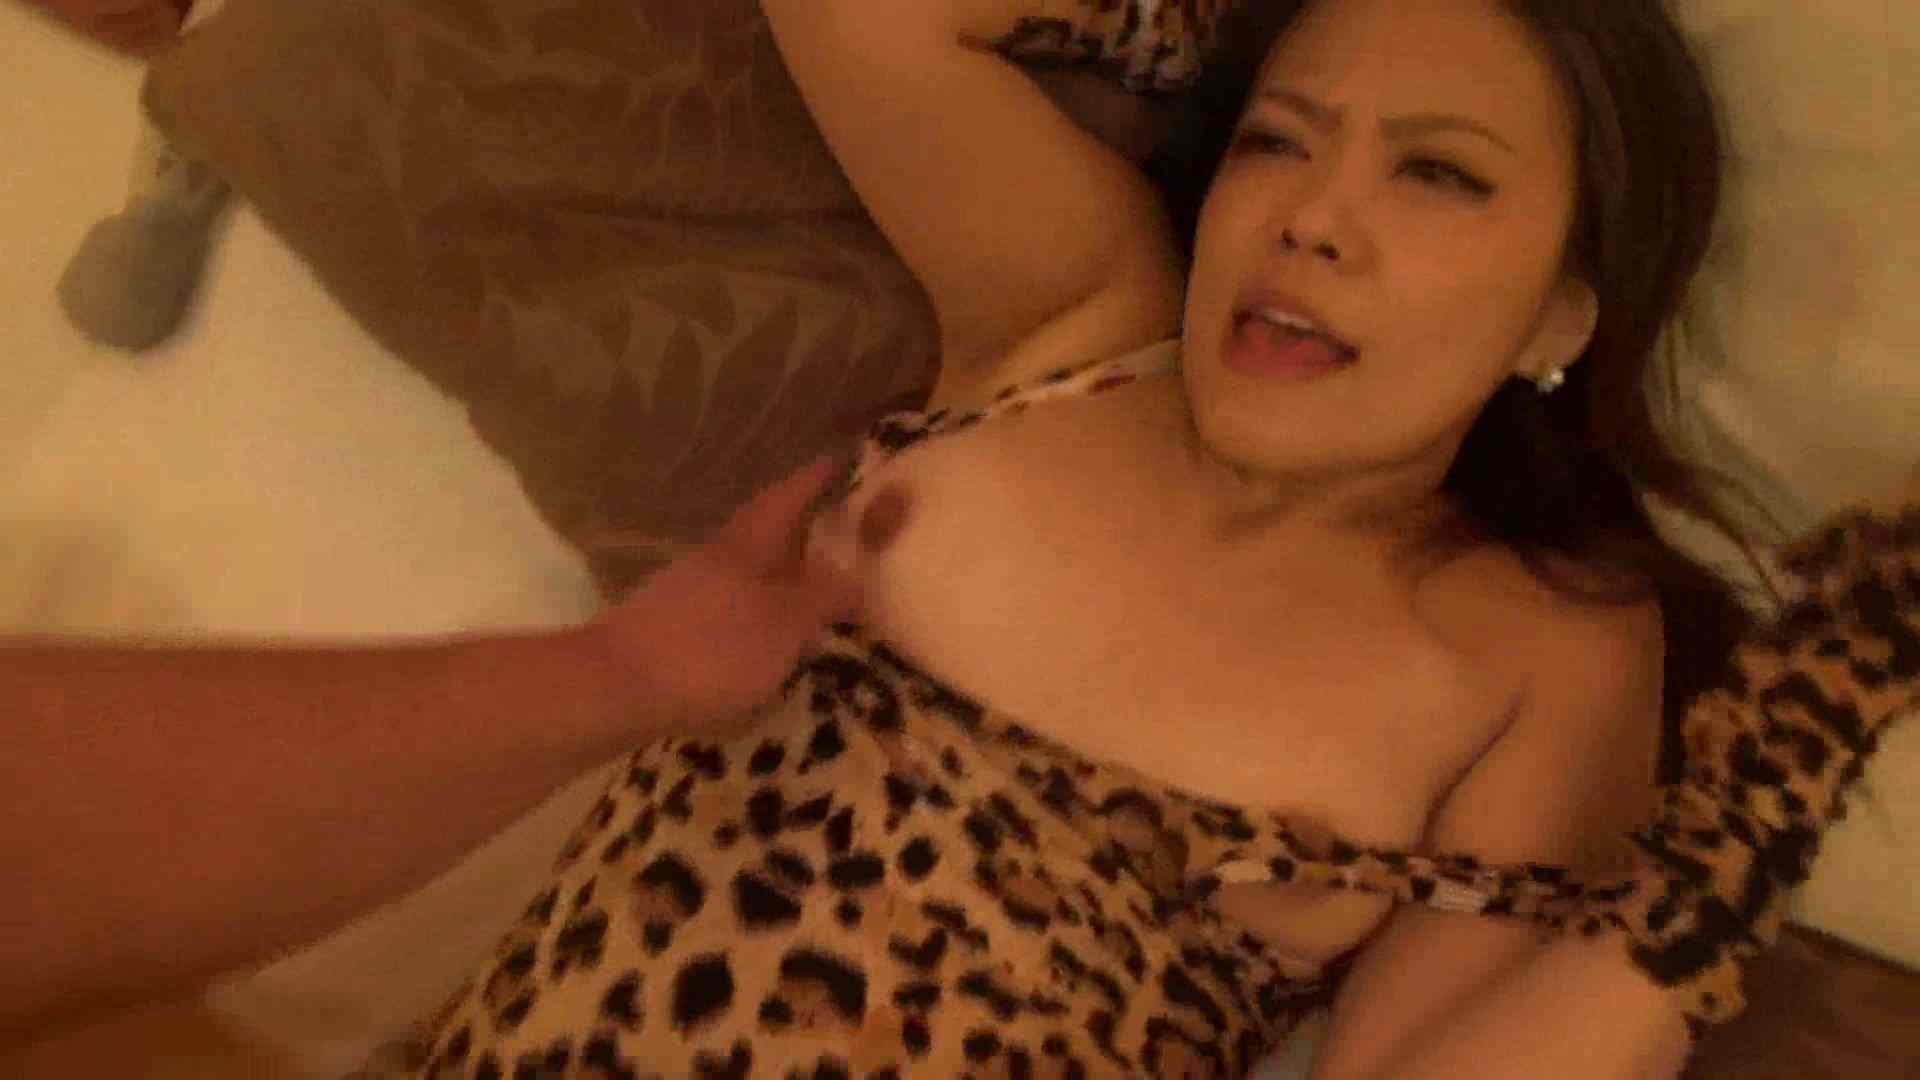 S級厳選美女ビッチガールVol.52 後編 美女丸裸 SEX無修正画像 77pic 50